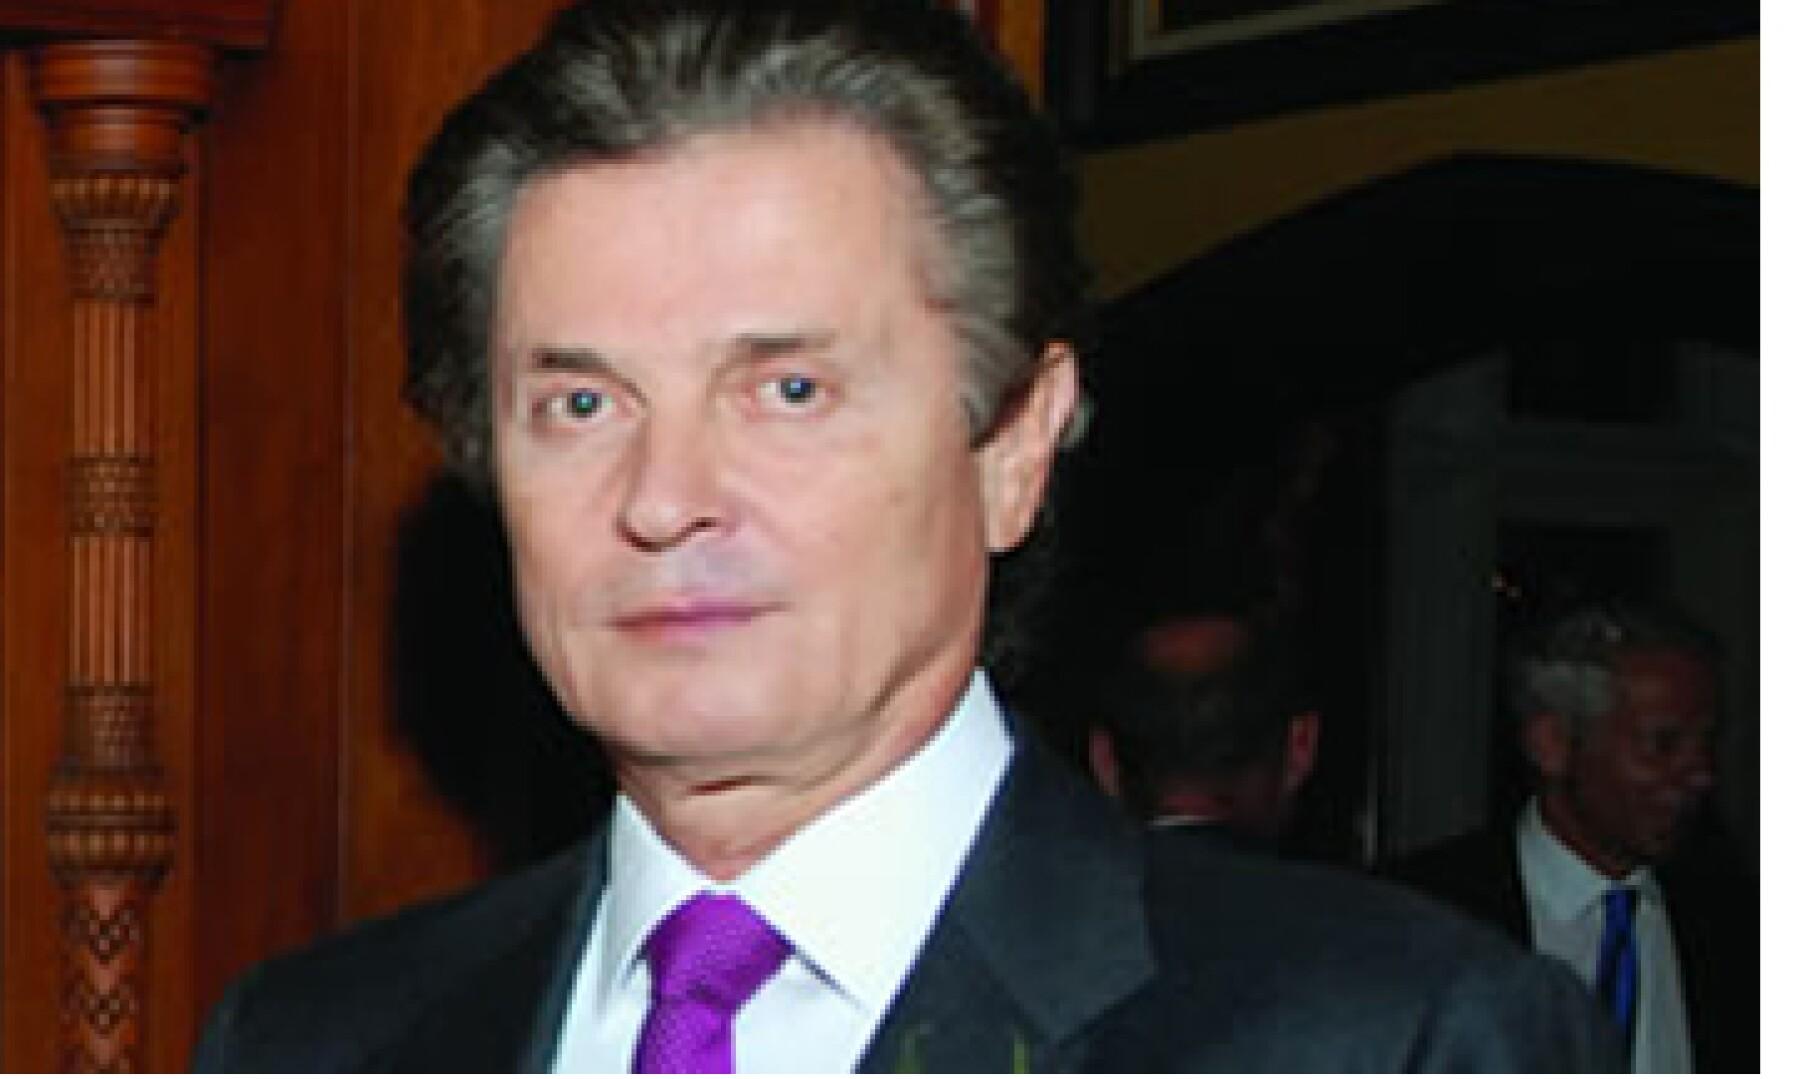 El presidente de Grupo Vitro ocupa el lugar 36 del ranking 2011 de Los 100 Empresarios más Importantes de México. (Foto:  Cortesía Revista Quién)